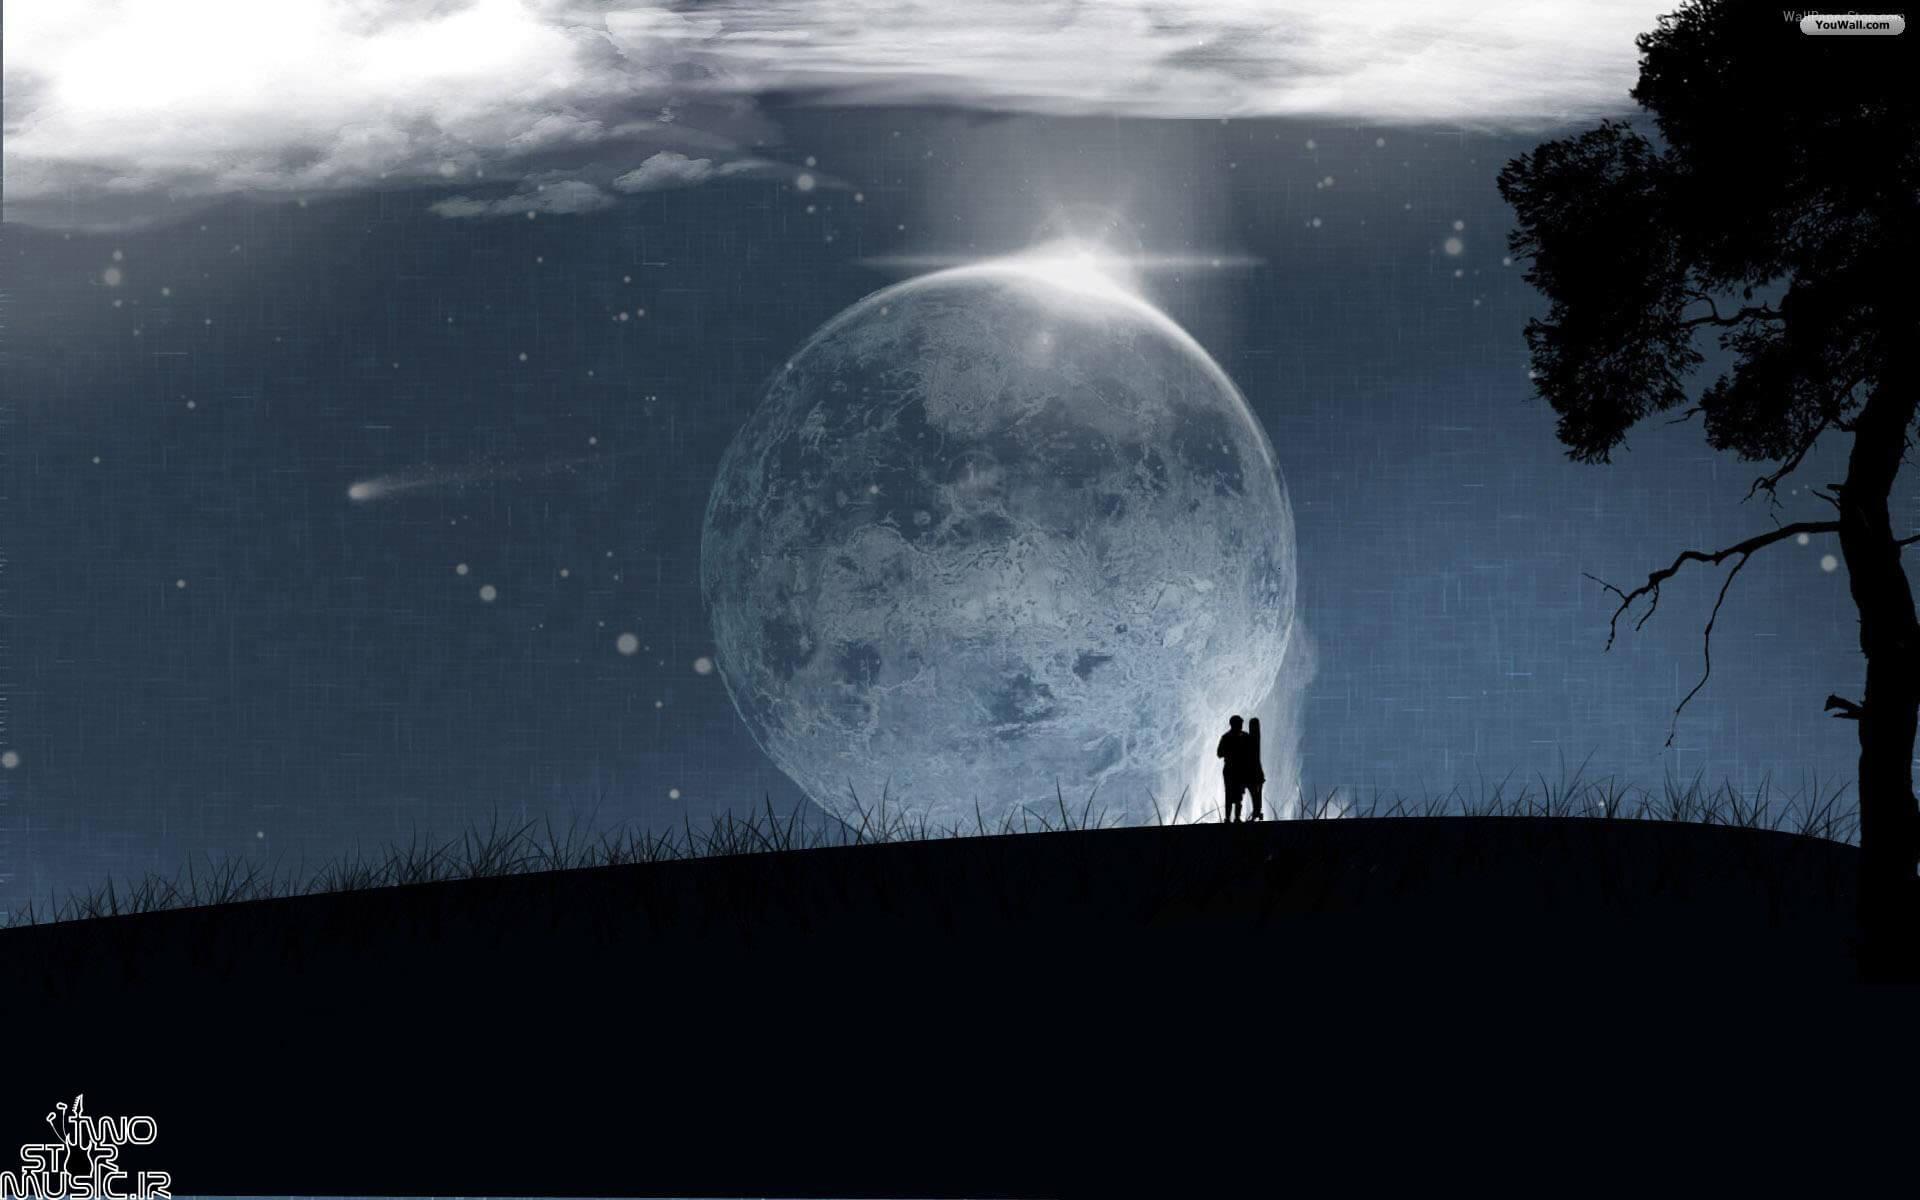 دانلود بیت اجتماعی به نام ماه تاریک